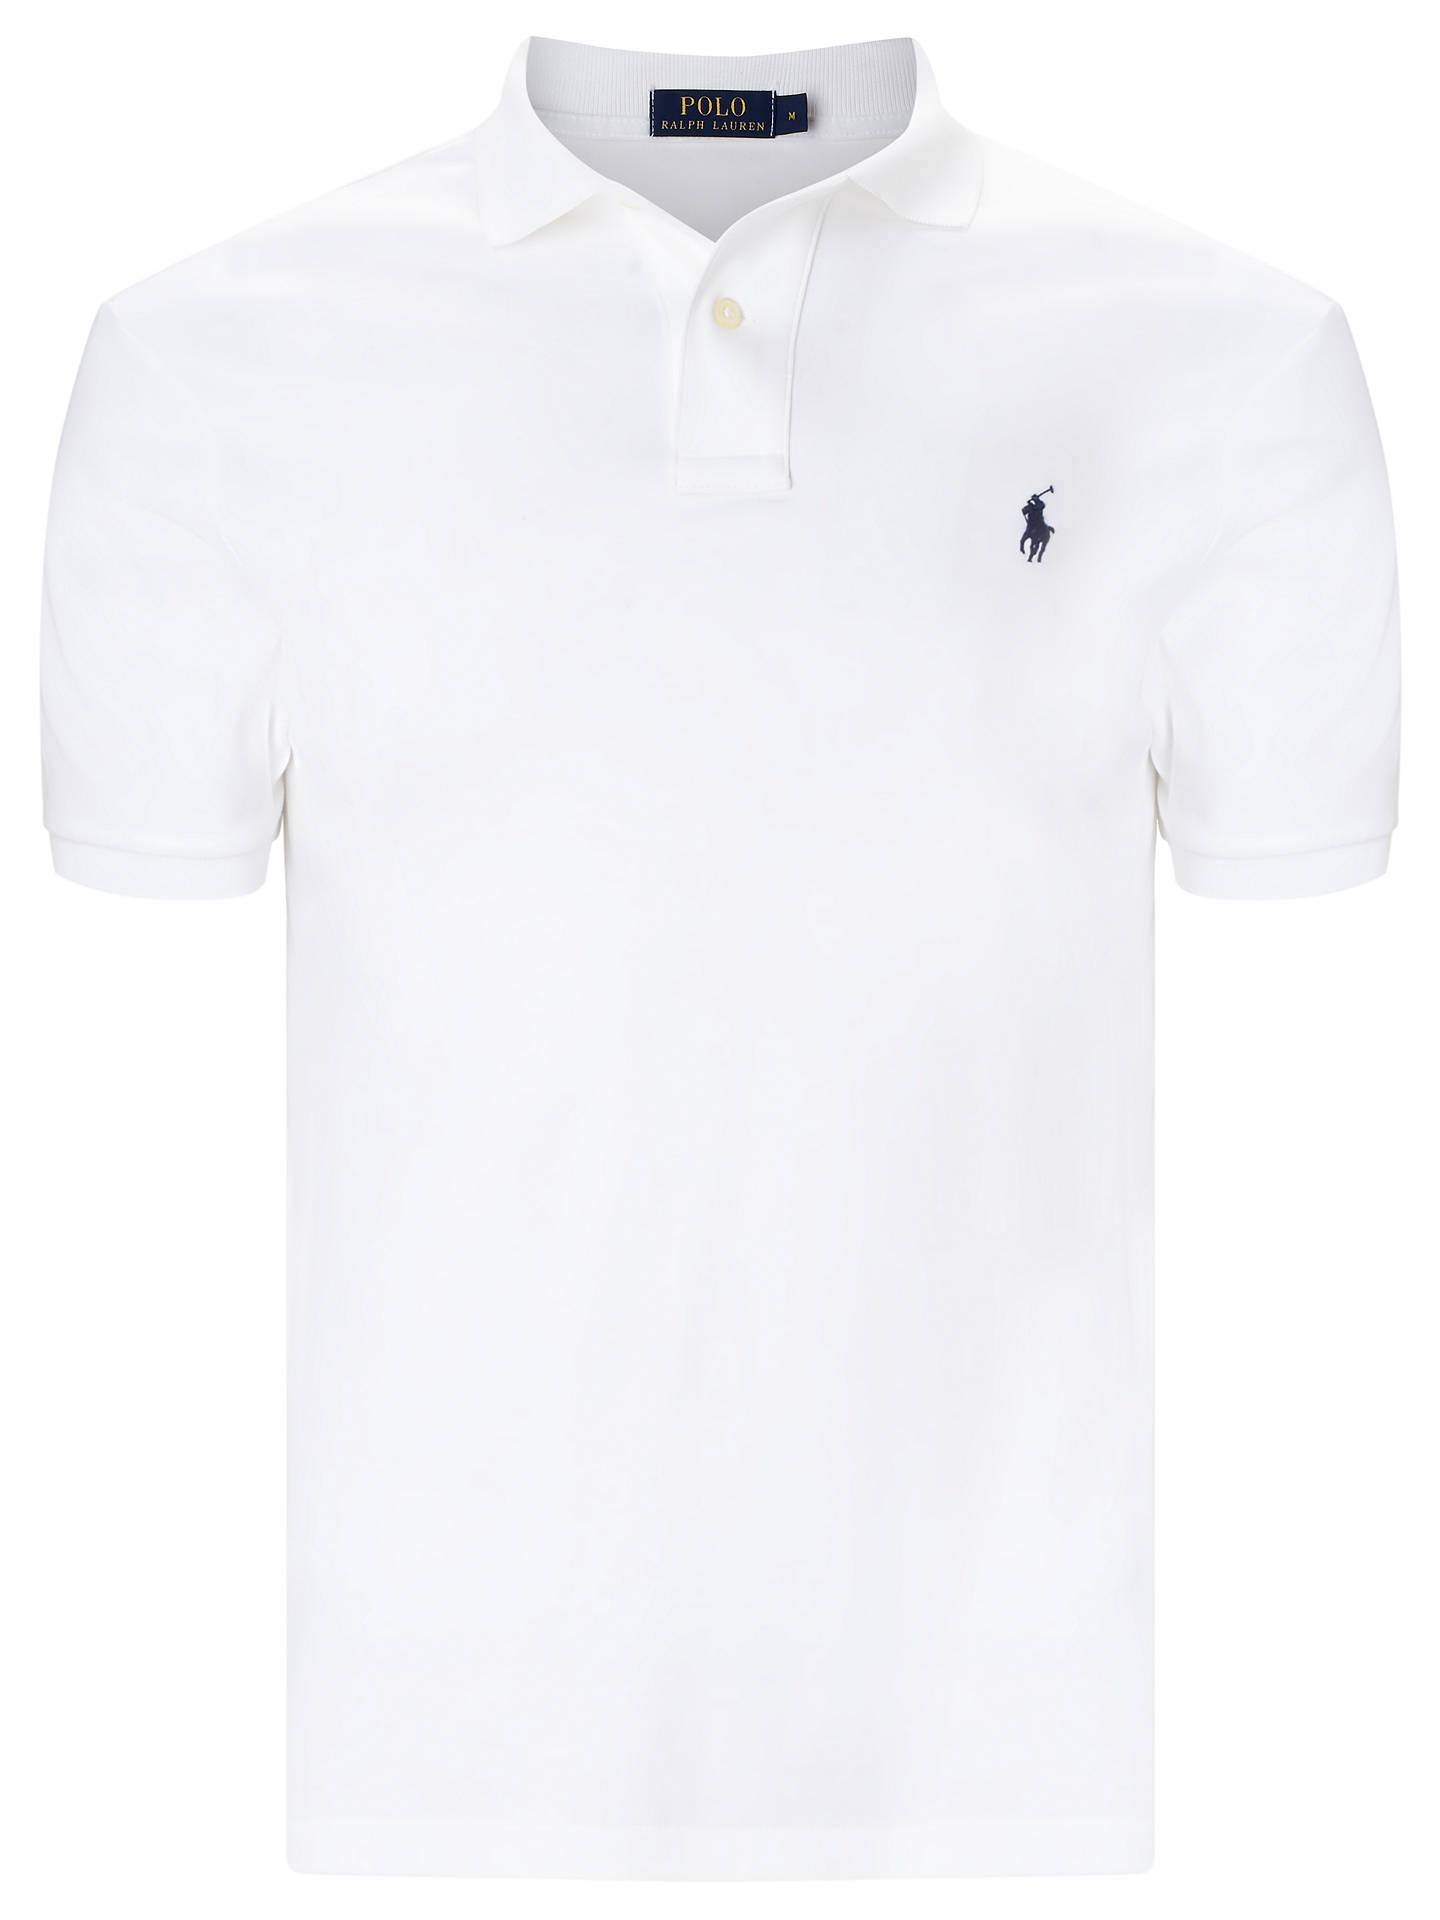 a24d7e9d6 Buy Polo Ralph Lauren Pima Cotton Soft-Touch Polo Shirt, White, S Online ...